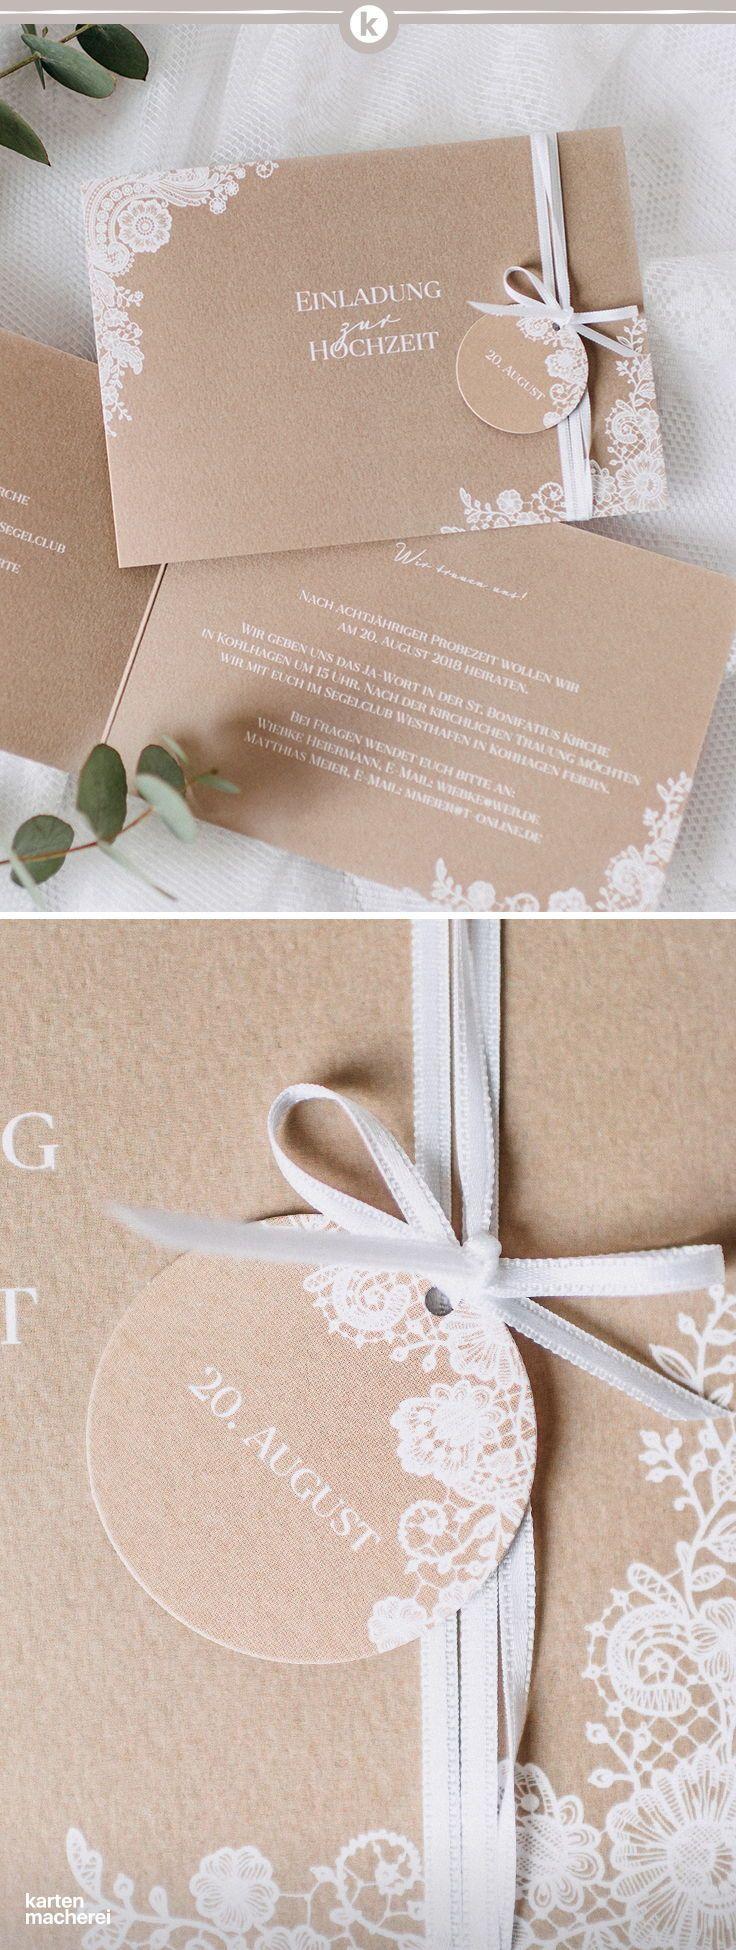 Hochzeitseinladung mit anhänger zum basteln perfekt für eine hochzeit im vintage und boho stil